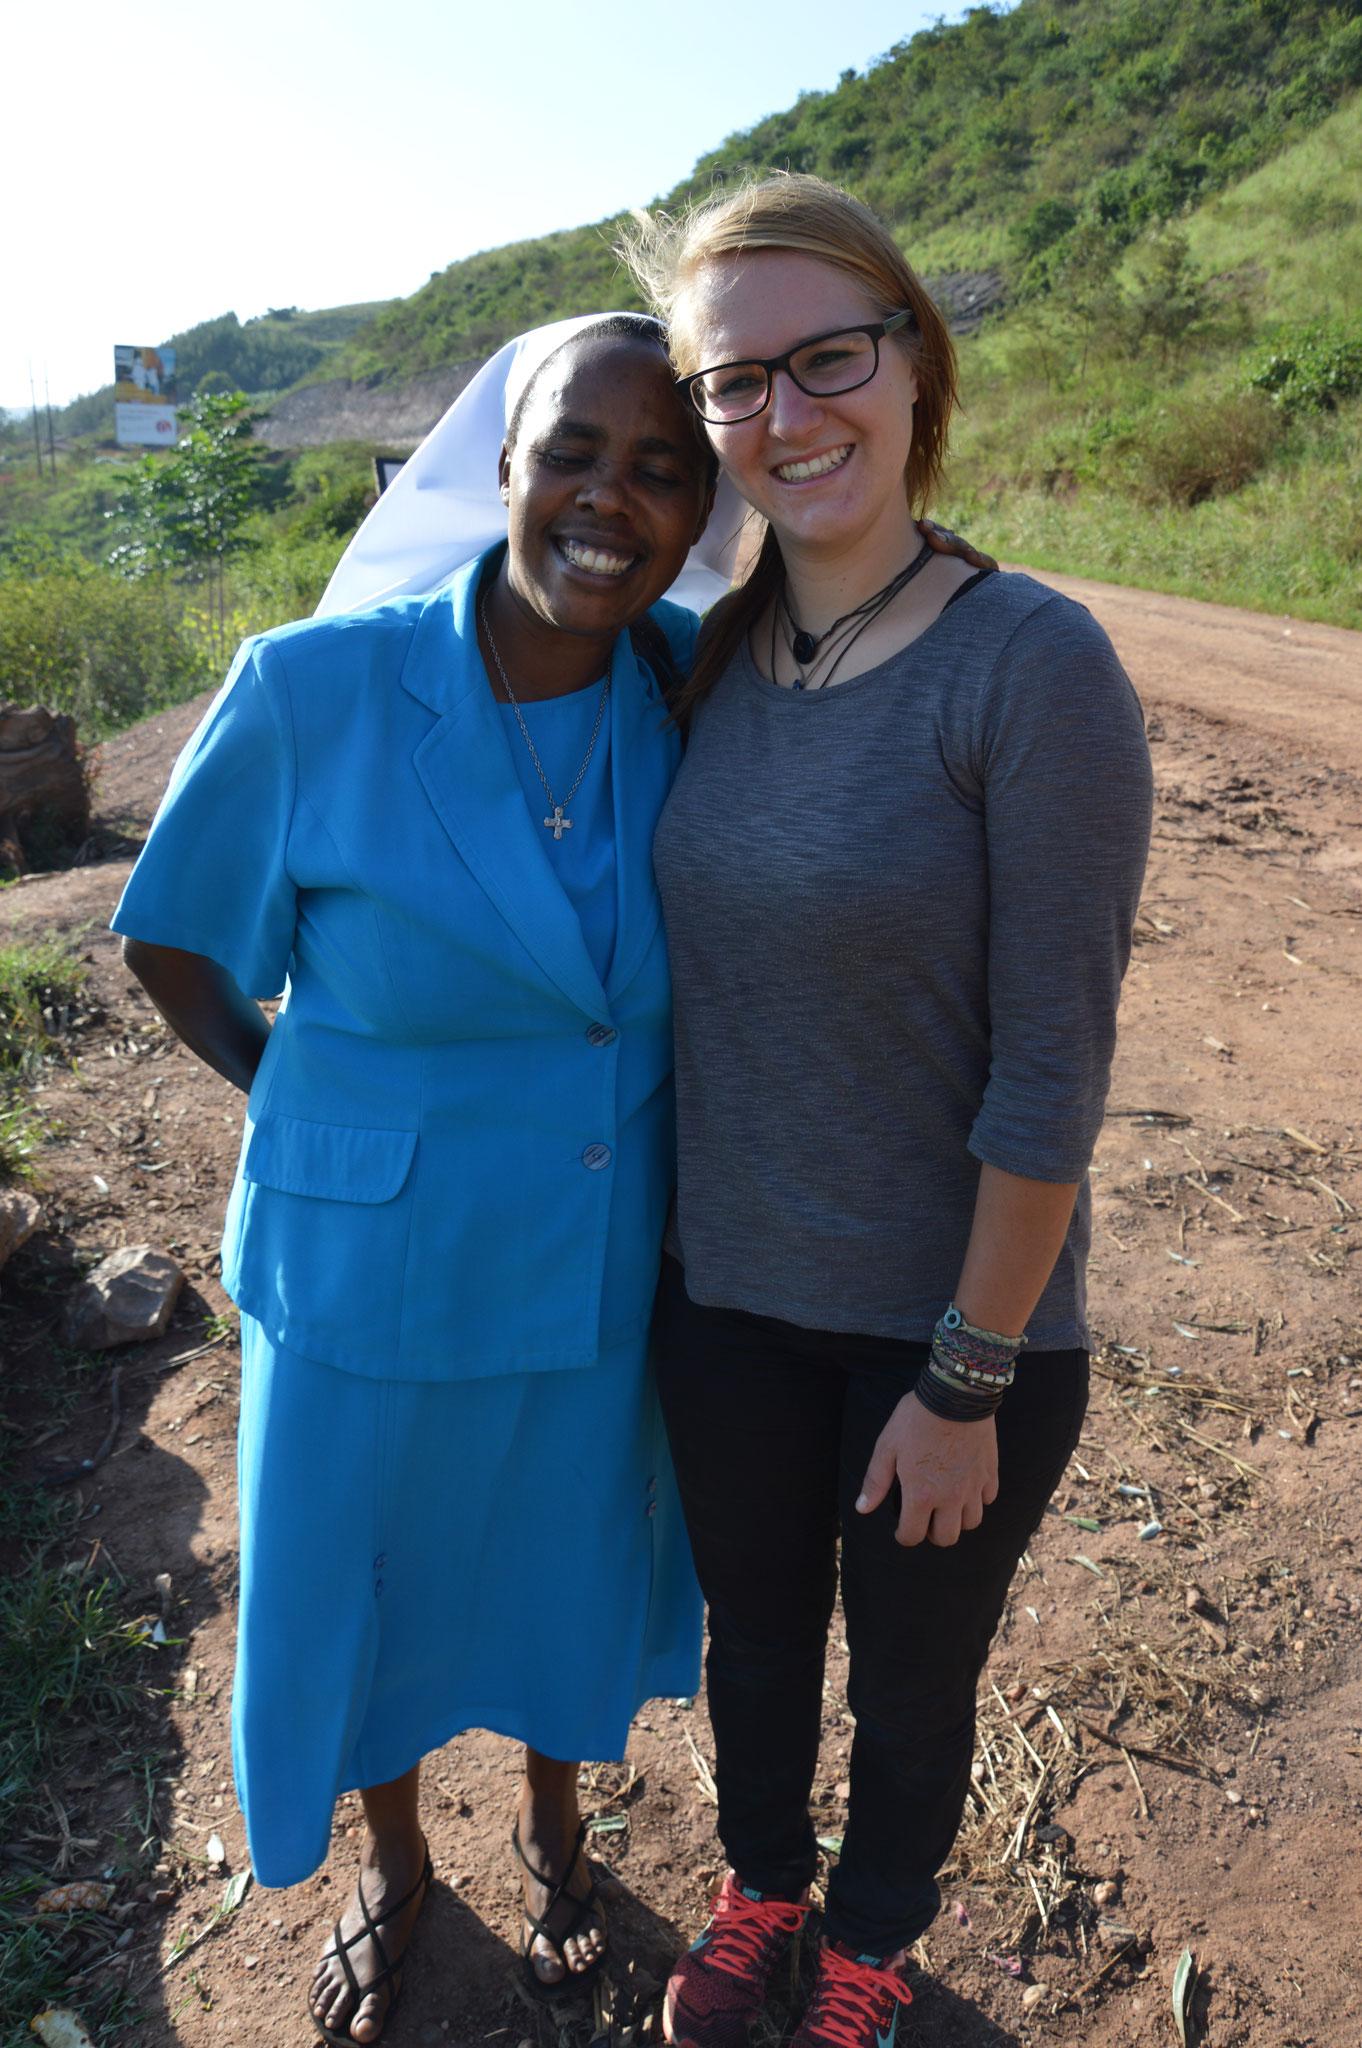 Schwester Josephine und Jenny - Sie freute sich sehr, dass wir zu besuch kamen und wieder viel gearbeitet haben.